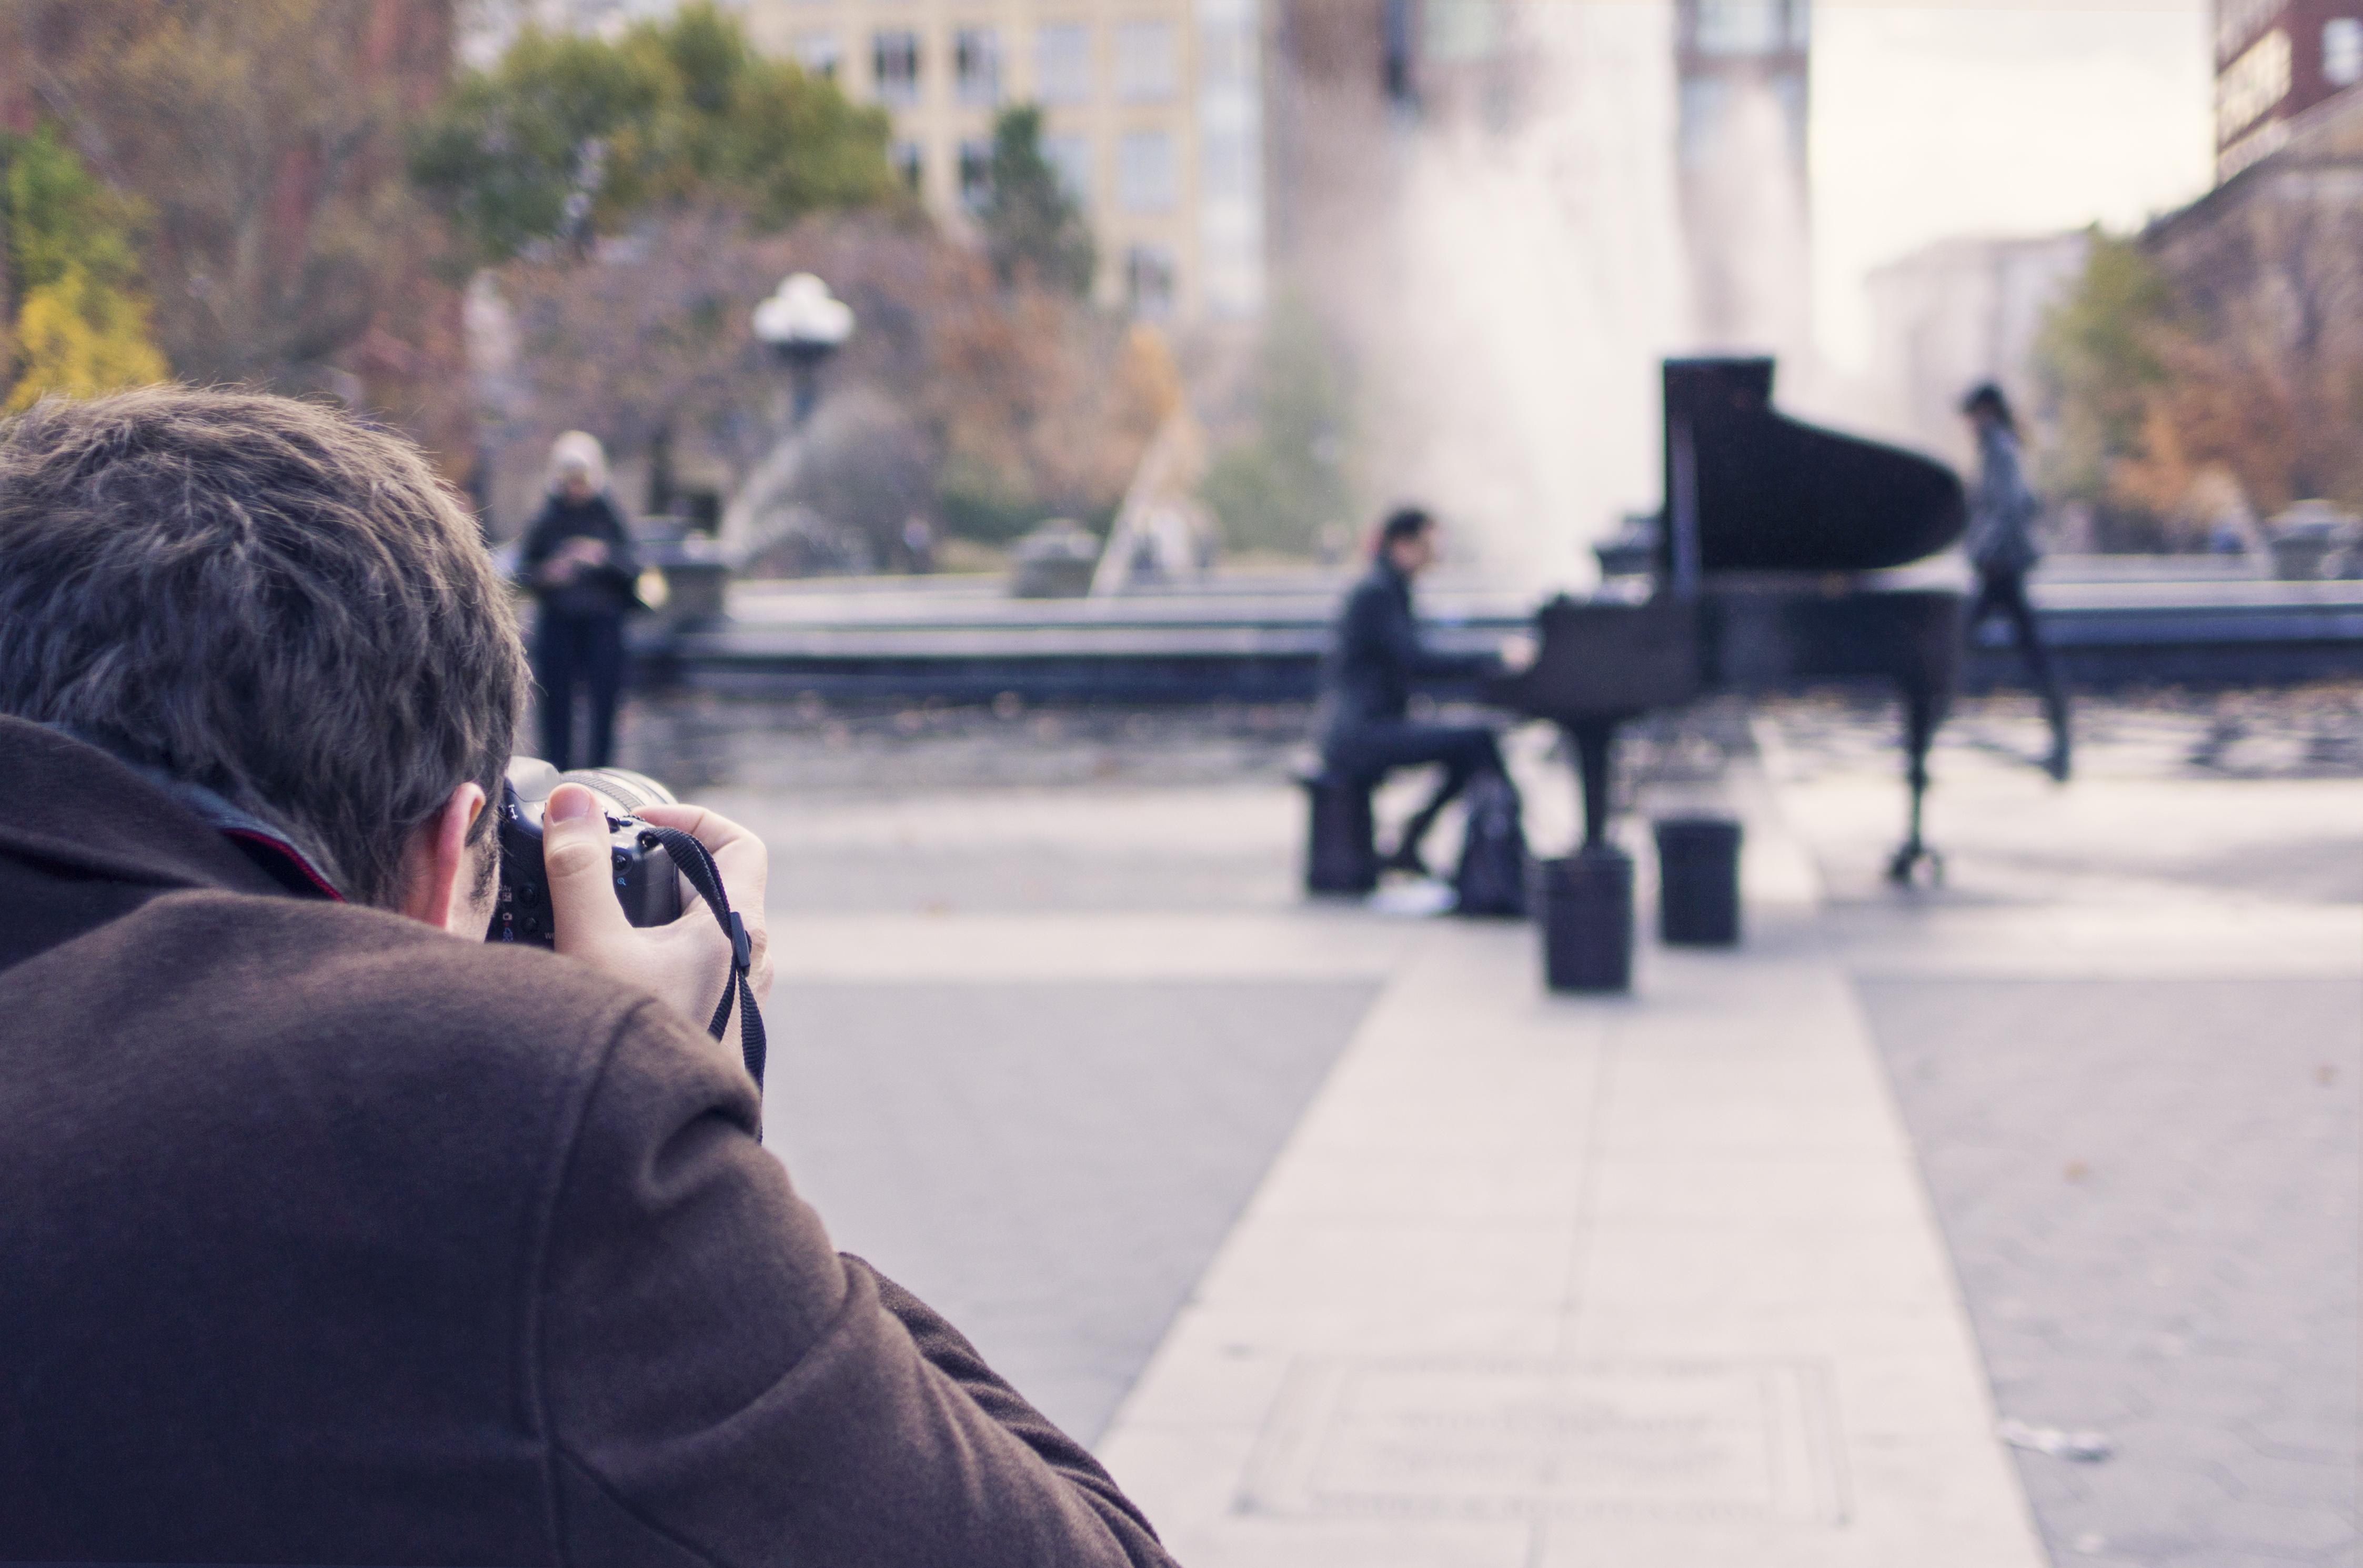 รูปภาพ : ชาย, เพลง, คน, การถ่ายภาพ, ช่างภาพ, นักดนตรี ...  รูปภา...